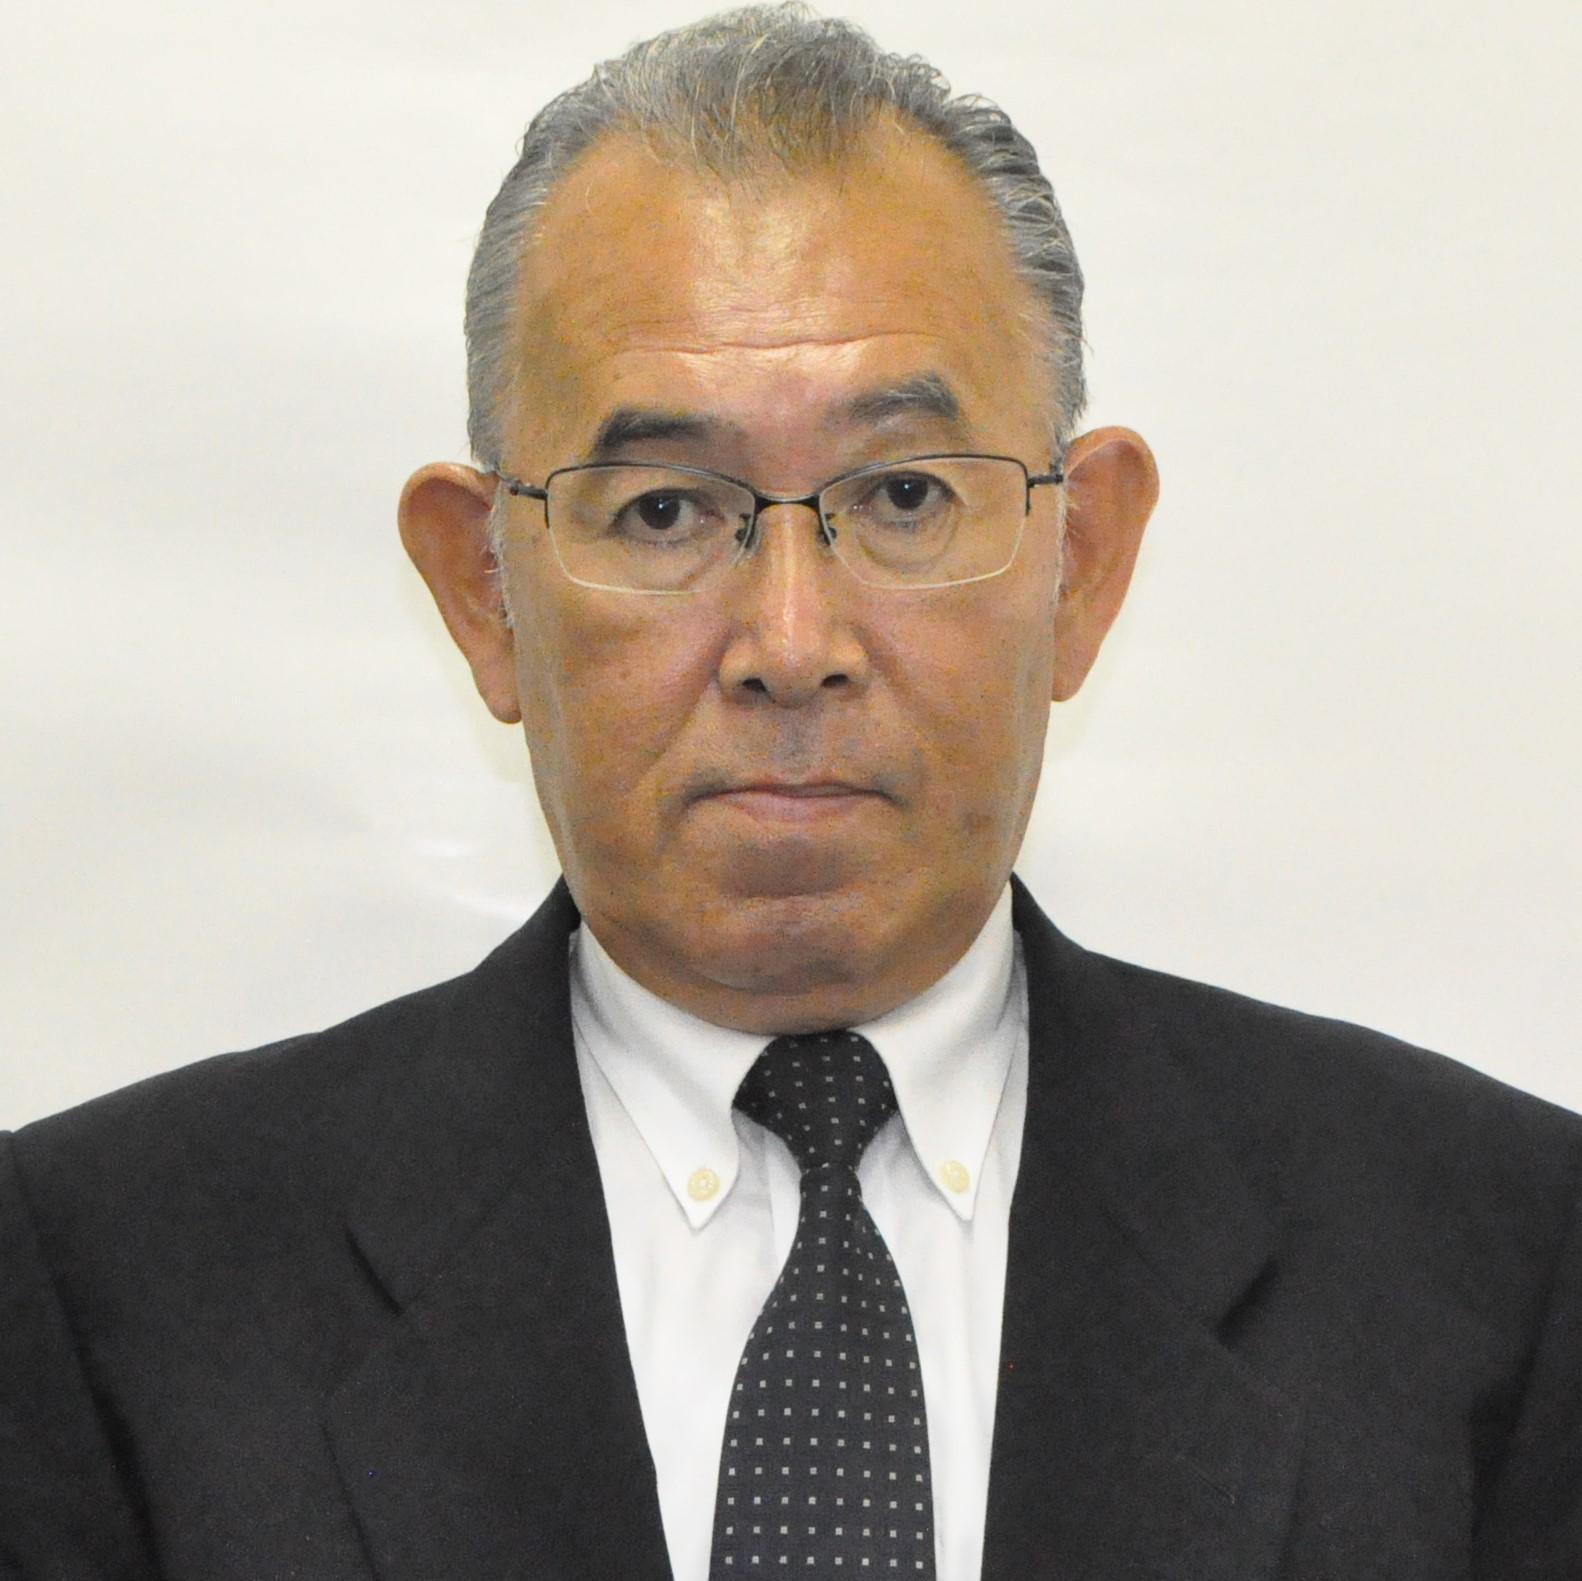 岩井 雄司(いわい ゆうじ)